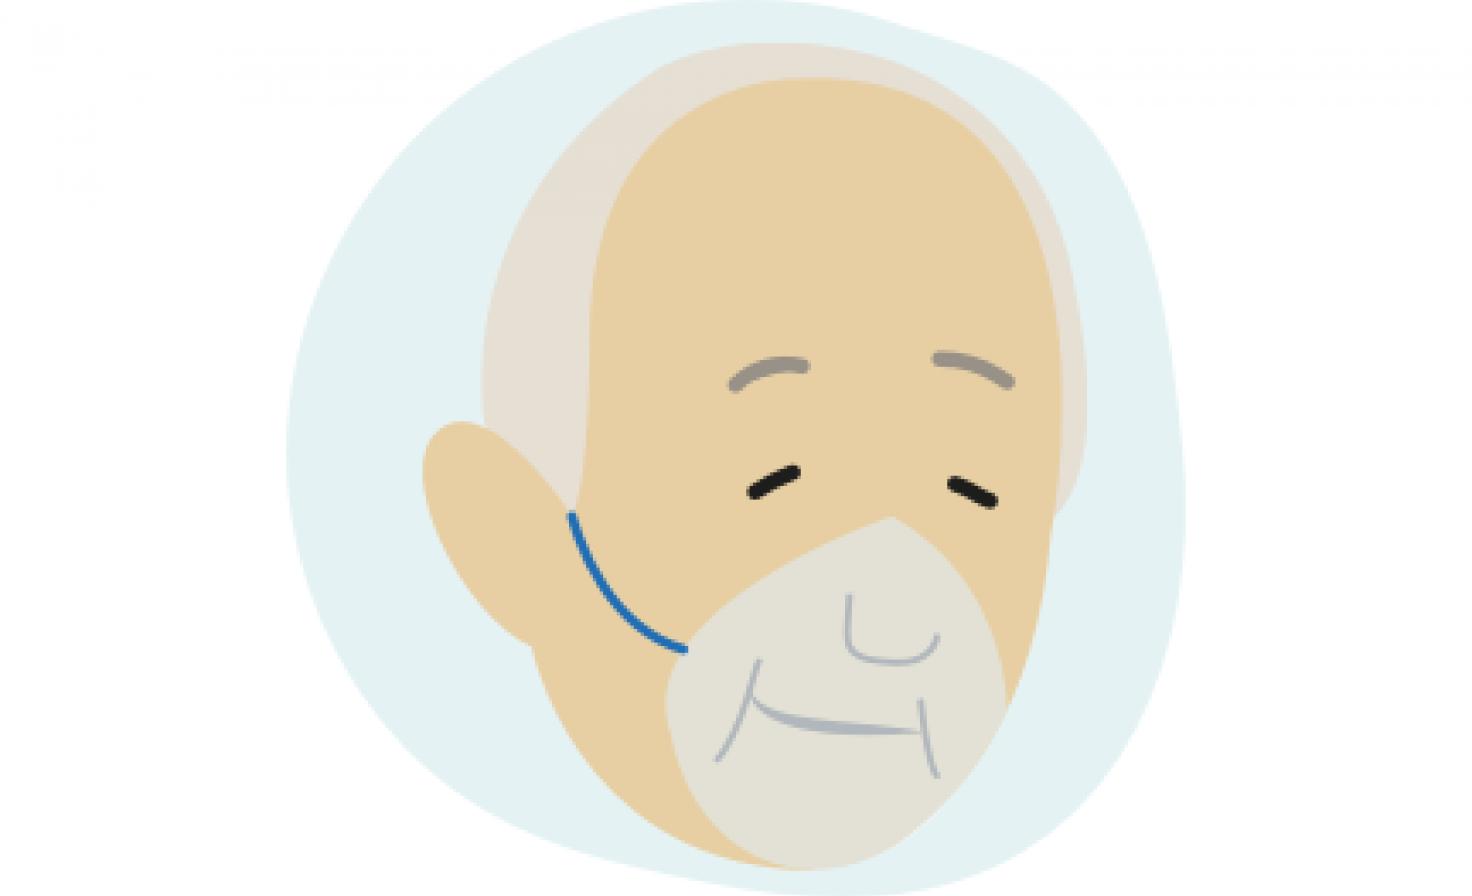 Schematische Darstellung eines Mannes, der eine Sauerstoffmaske trägt.